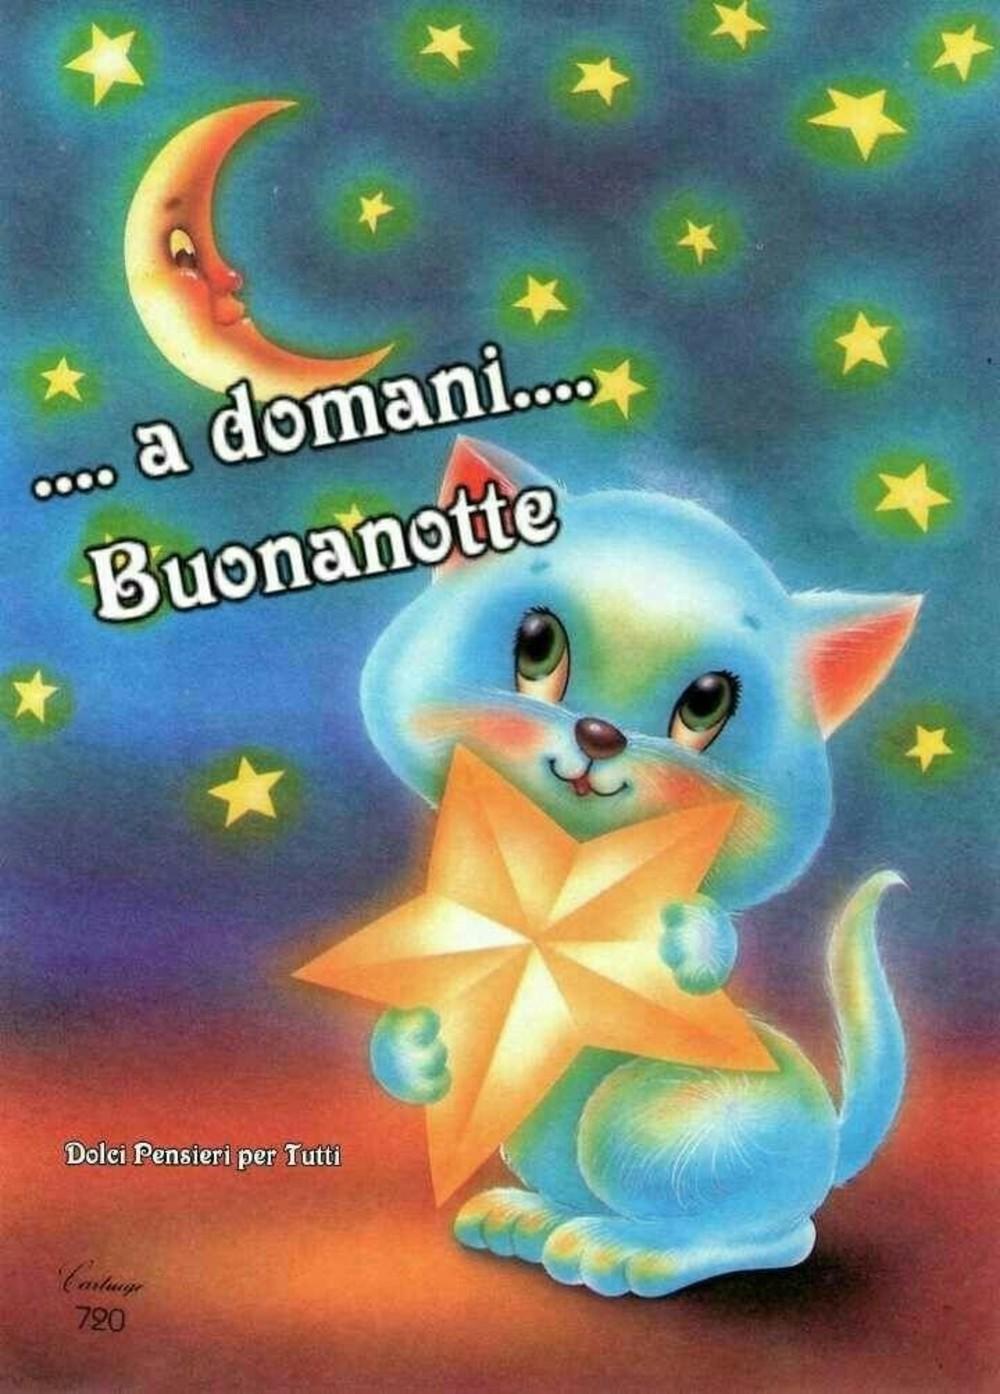 Buonanotte Scarica Gratis Immaginifacebook It